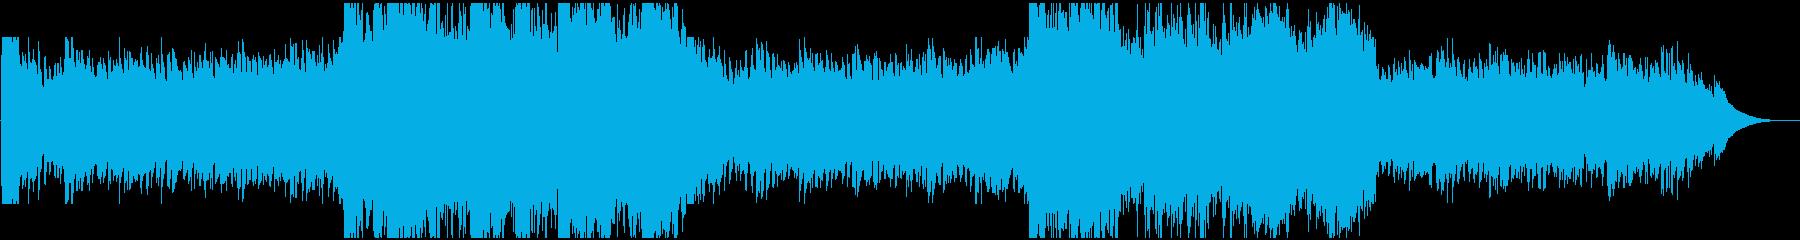 現代的 交響曲 荘厳 リラックス ...の再生済みの波形